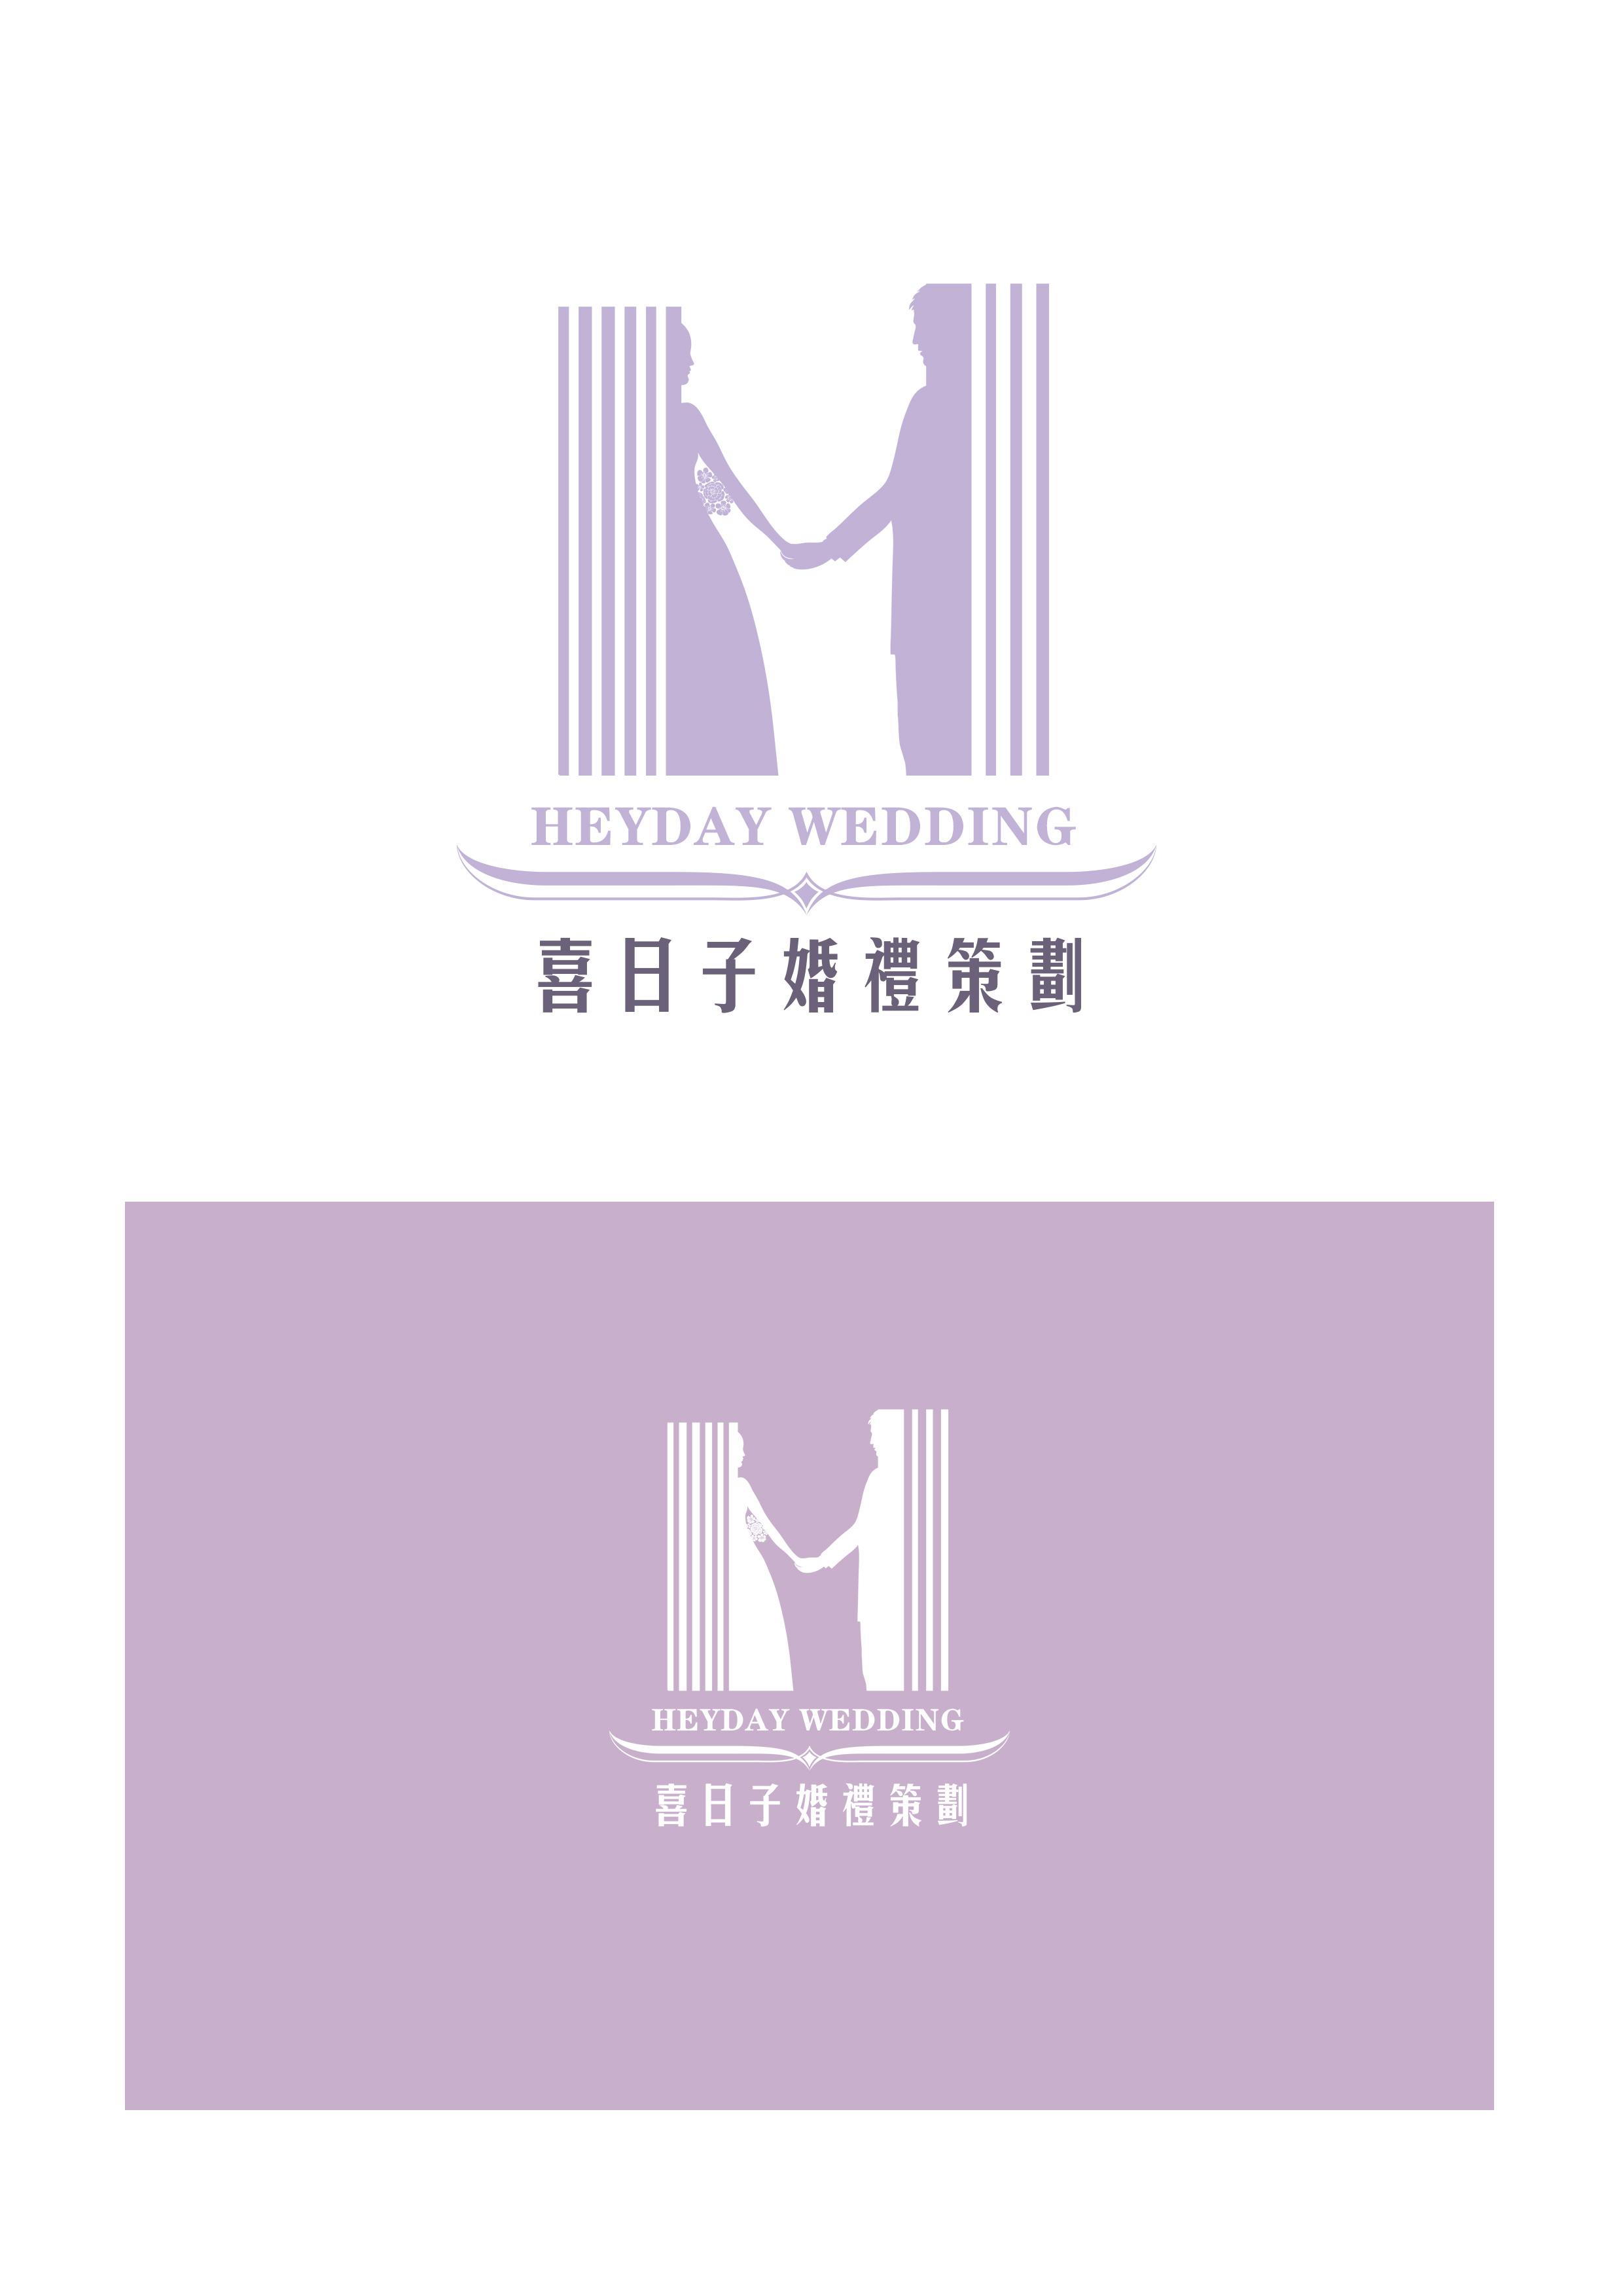 婚庆公司logo /strong>图片